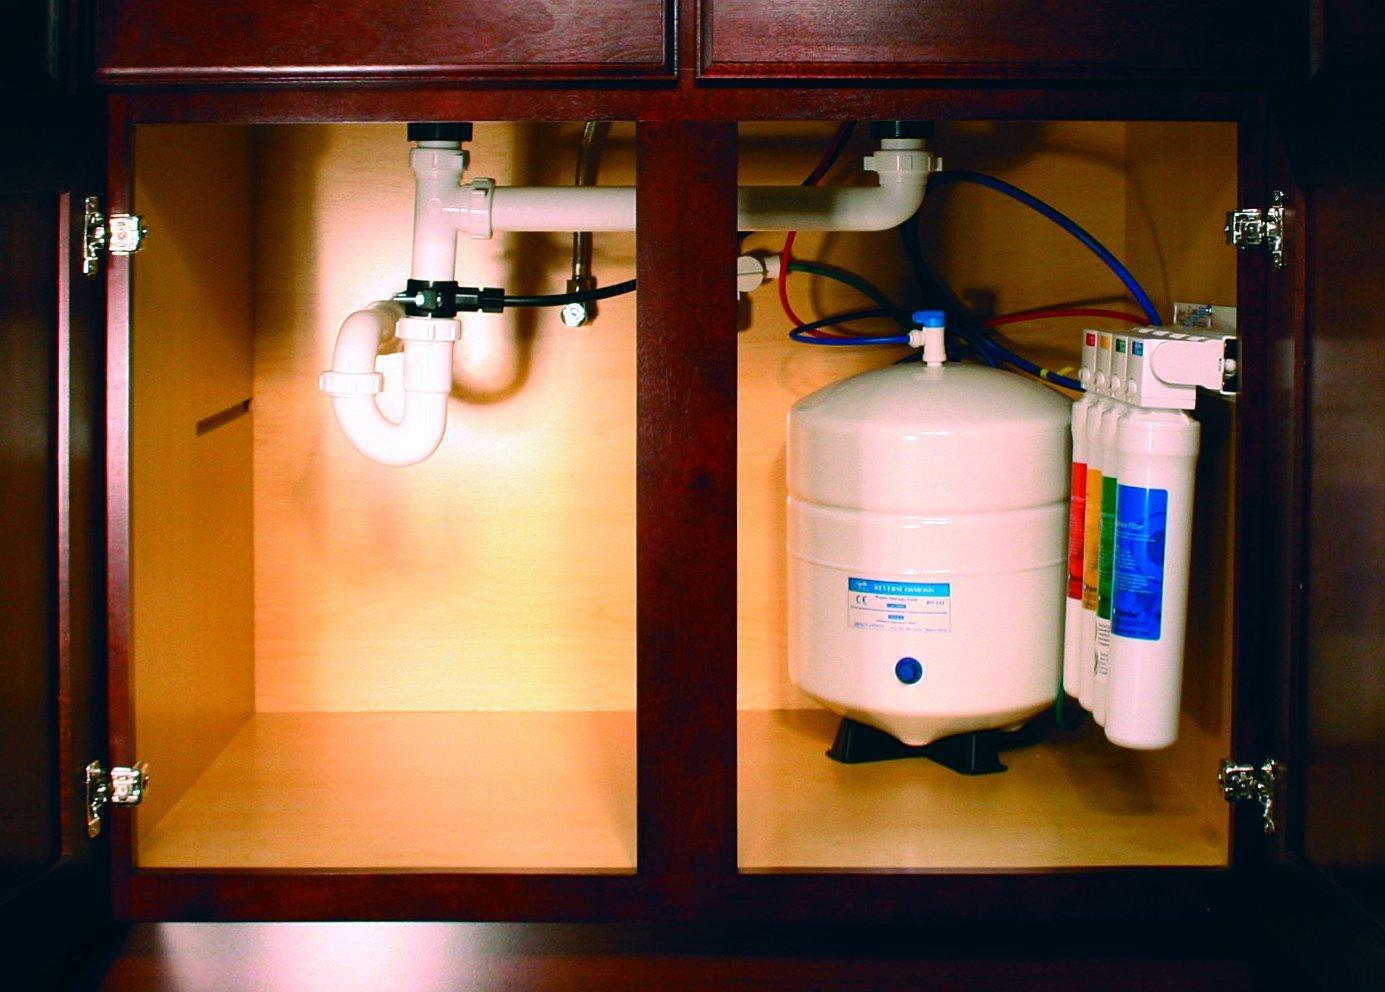 Best Under Sink Reverse Osmosis System Watts Premier Ro Pure 531411 4 Stage Reverse Osmosis System